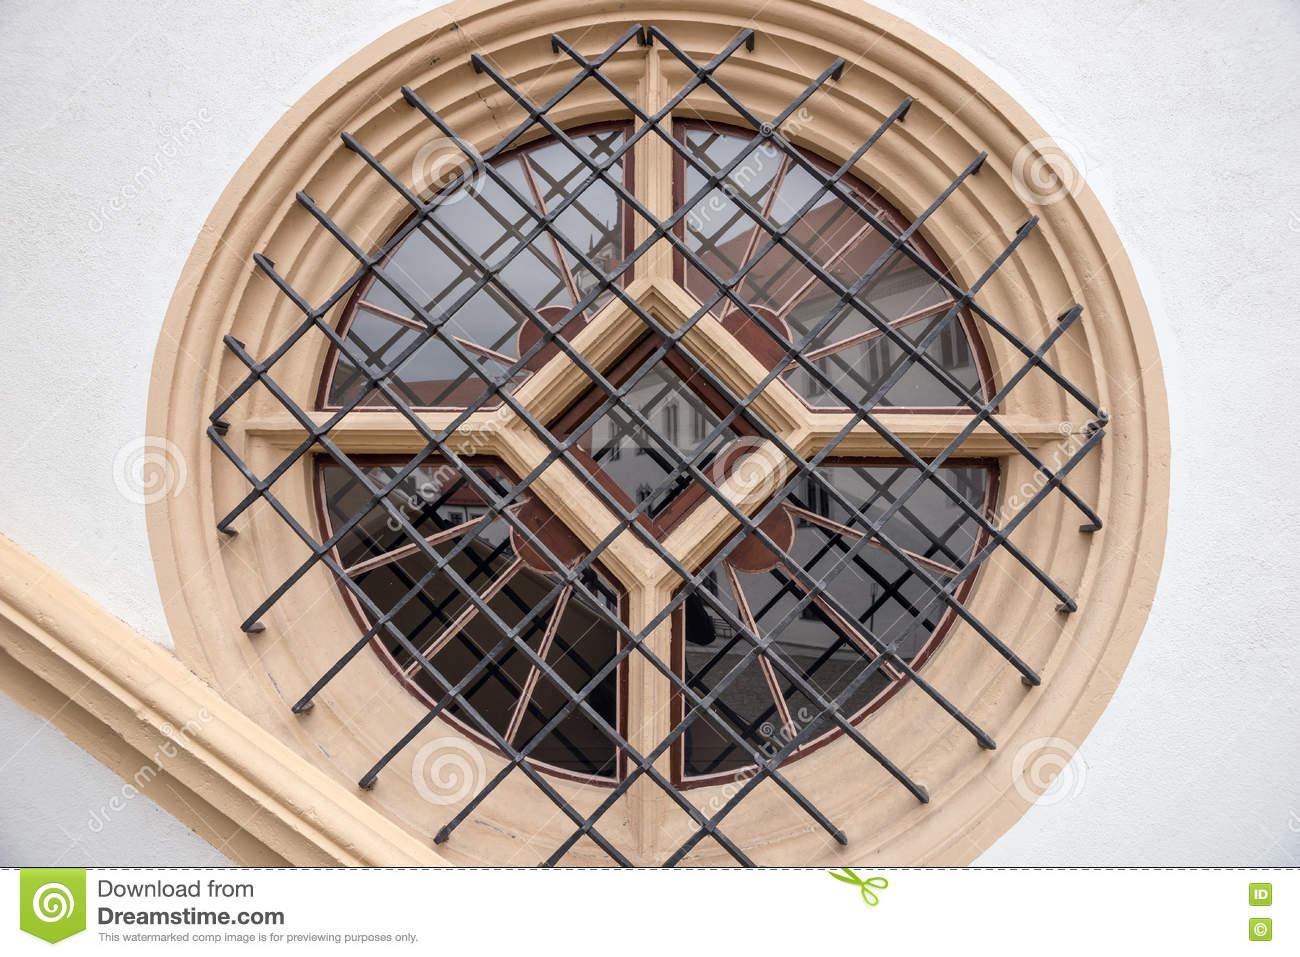 Full Size of Fenster Mit Metallstangen Im Haus Stockfoto Bild Von Fliegengitter Maßanfertigung Verdunkelung Einbruchschutz Nachrüsten Jalousien Innen Folie Für Günstige Fenster Rundes Fenster